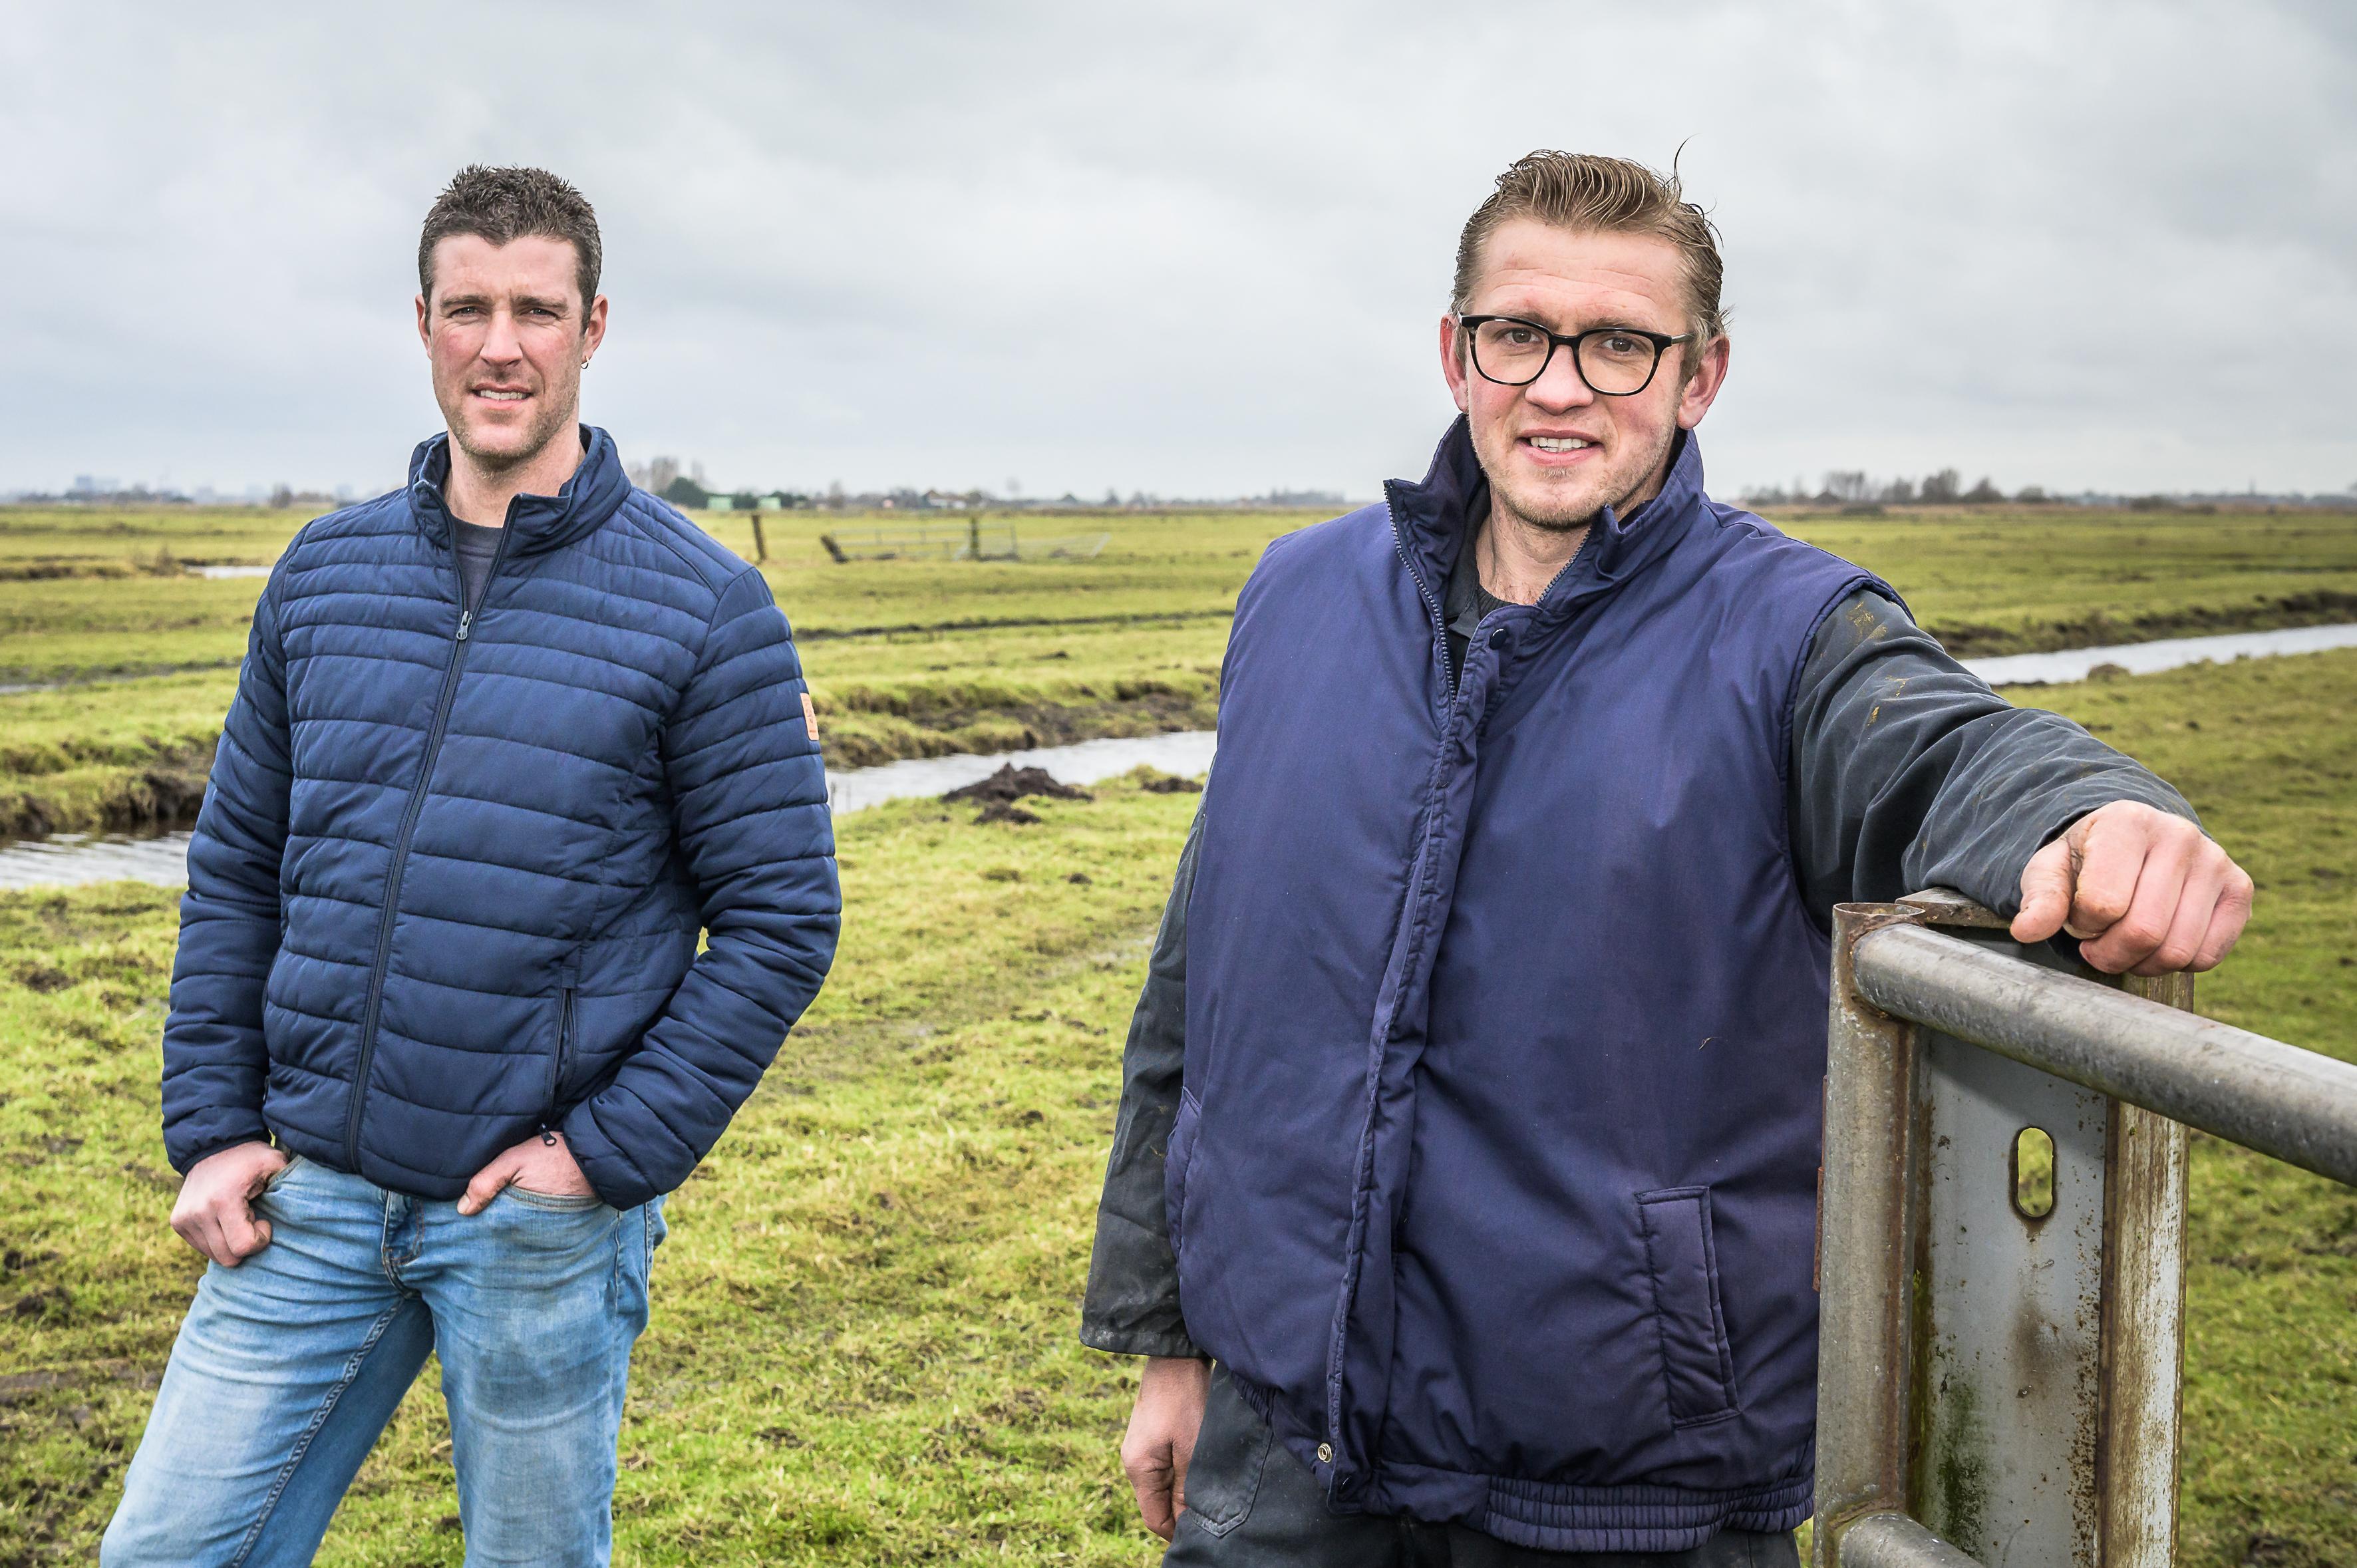 'Onteigening landbouwgrond voor meer natuur in Waterland is taboe': boeren blij met steun gemeente